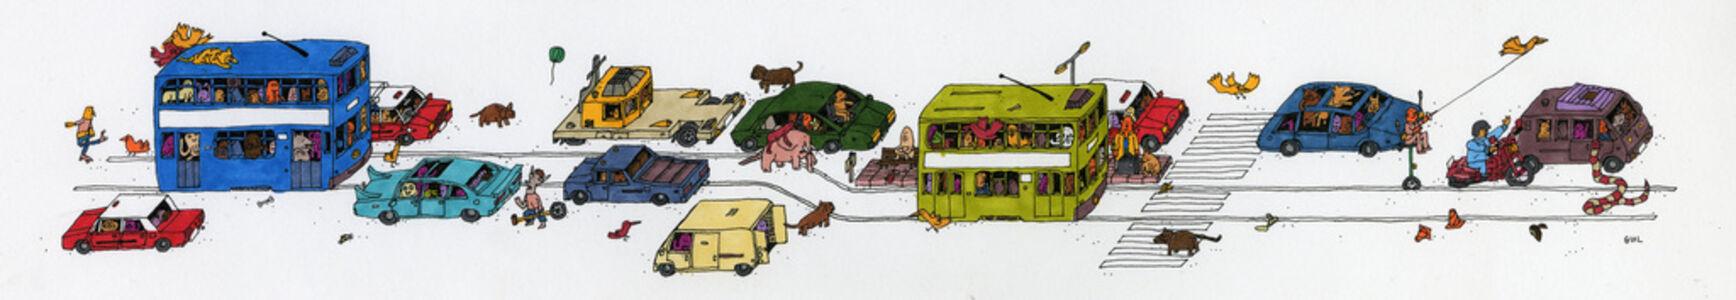 Guillaume Cornet, 'Tram Stop', 2019